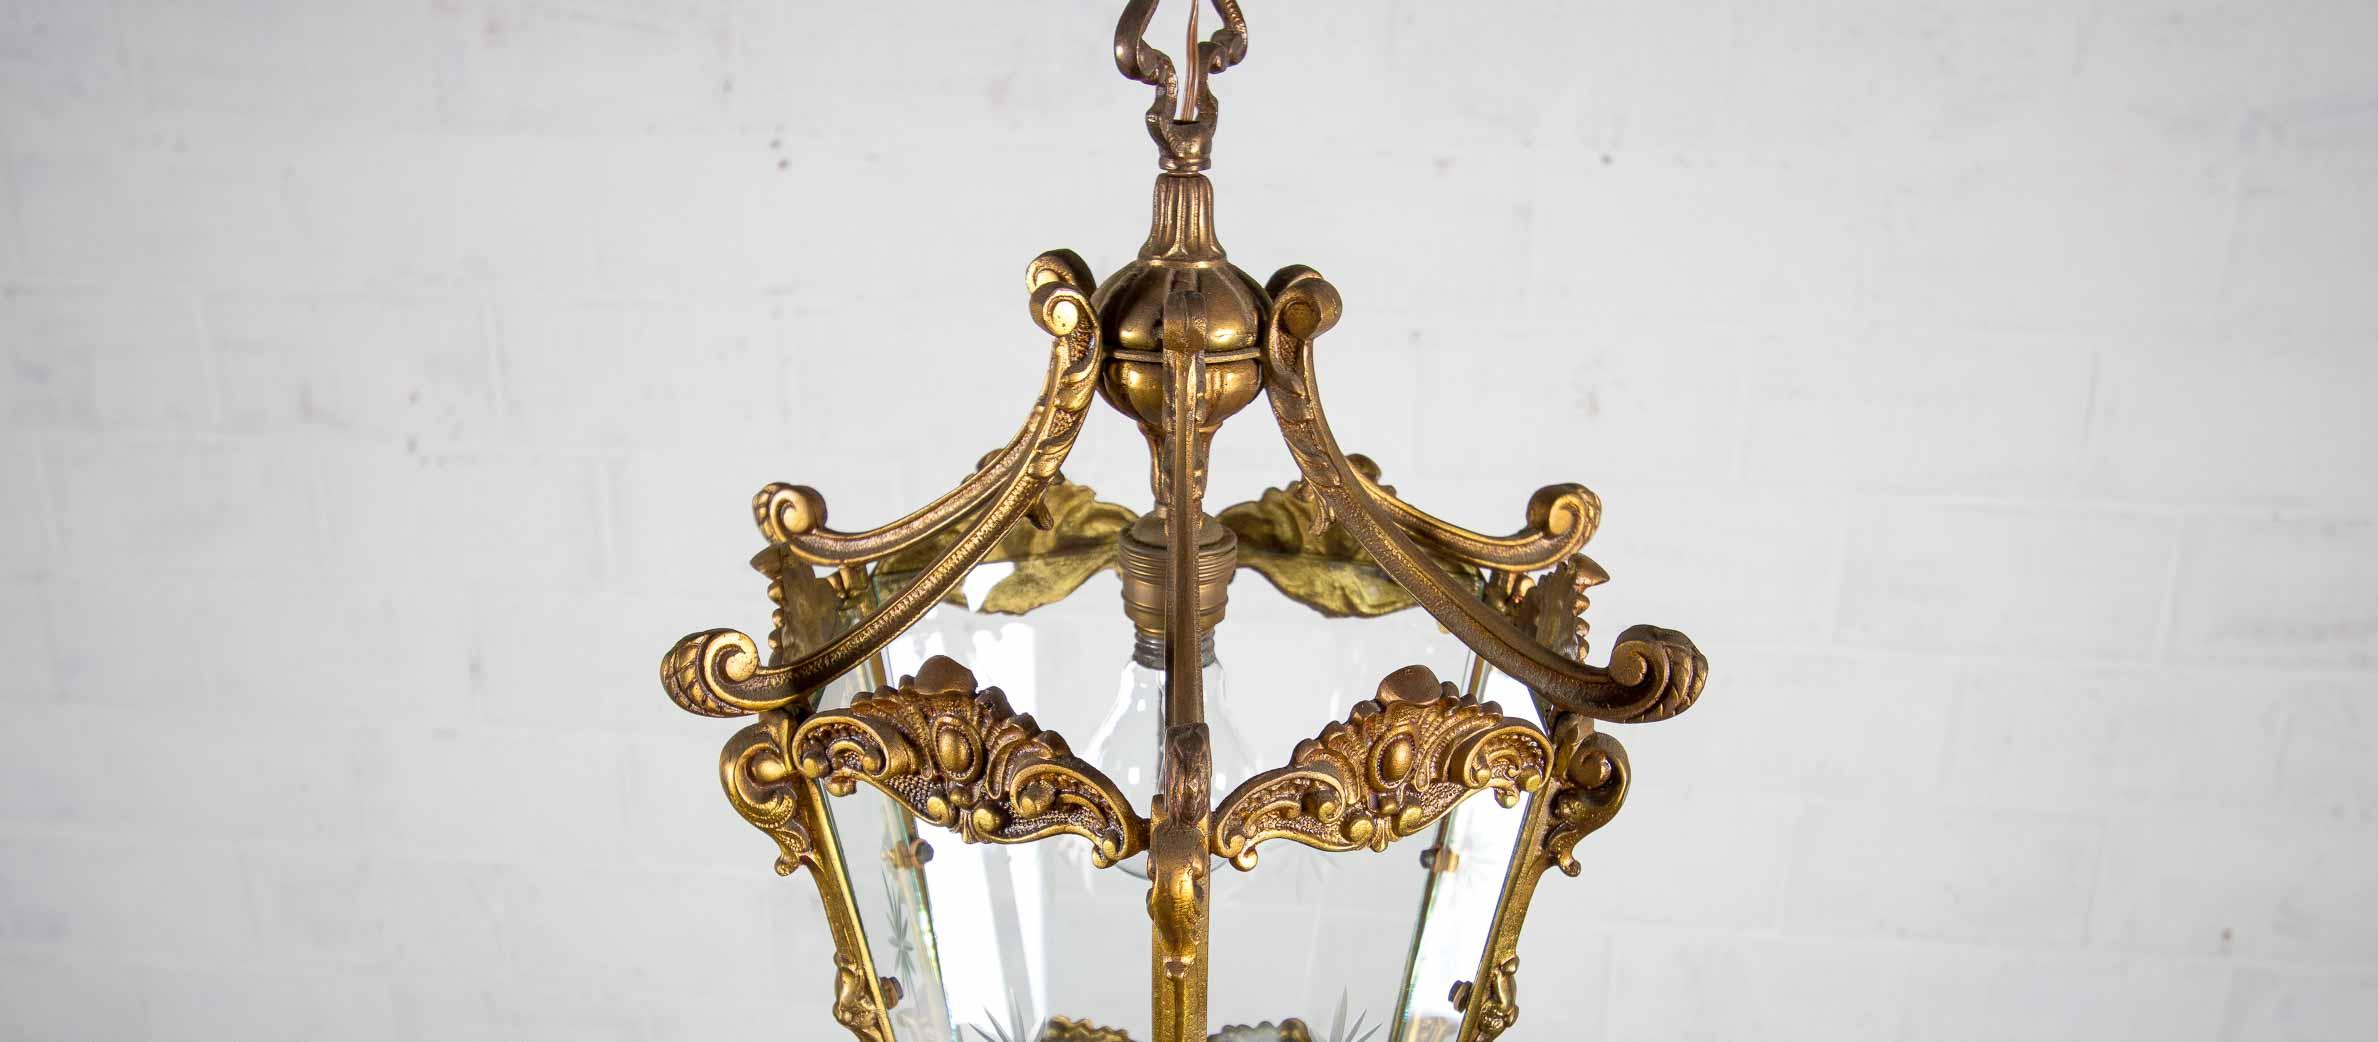 Bronze antique chandelierthumbnail